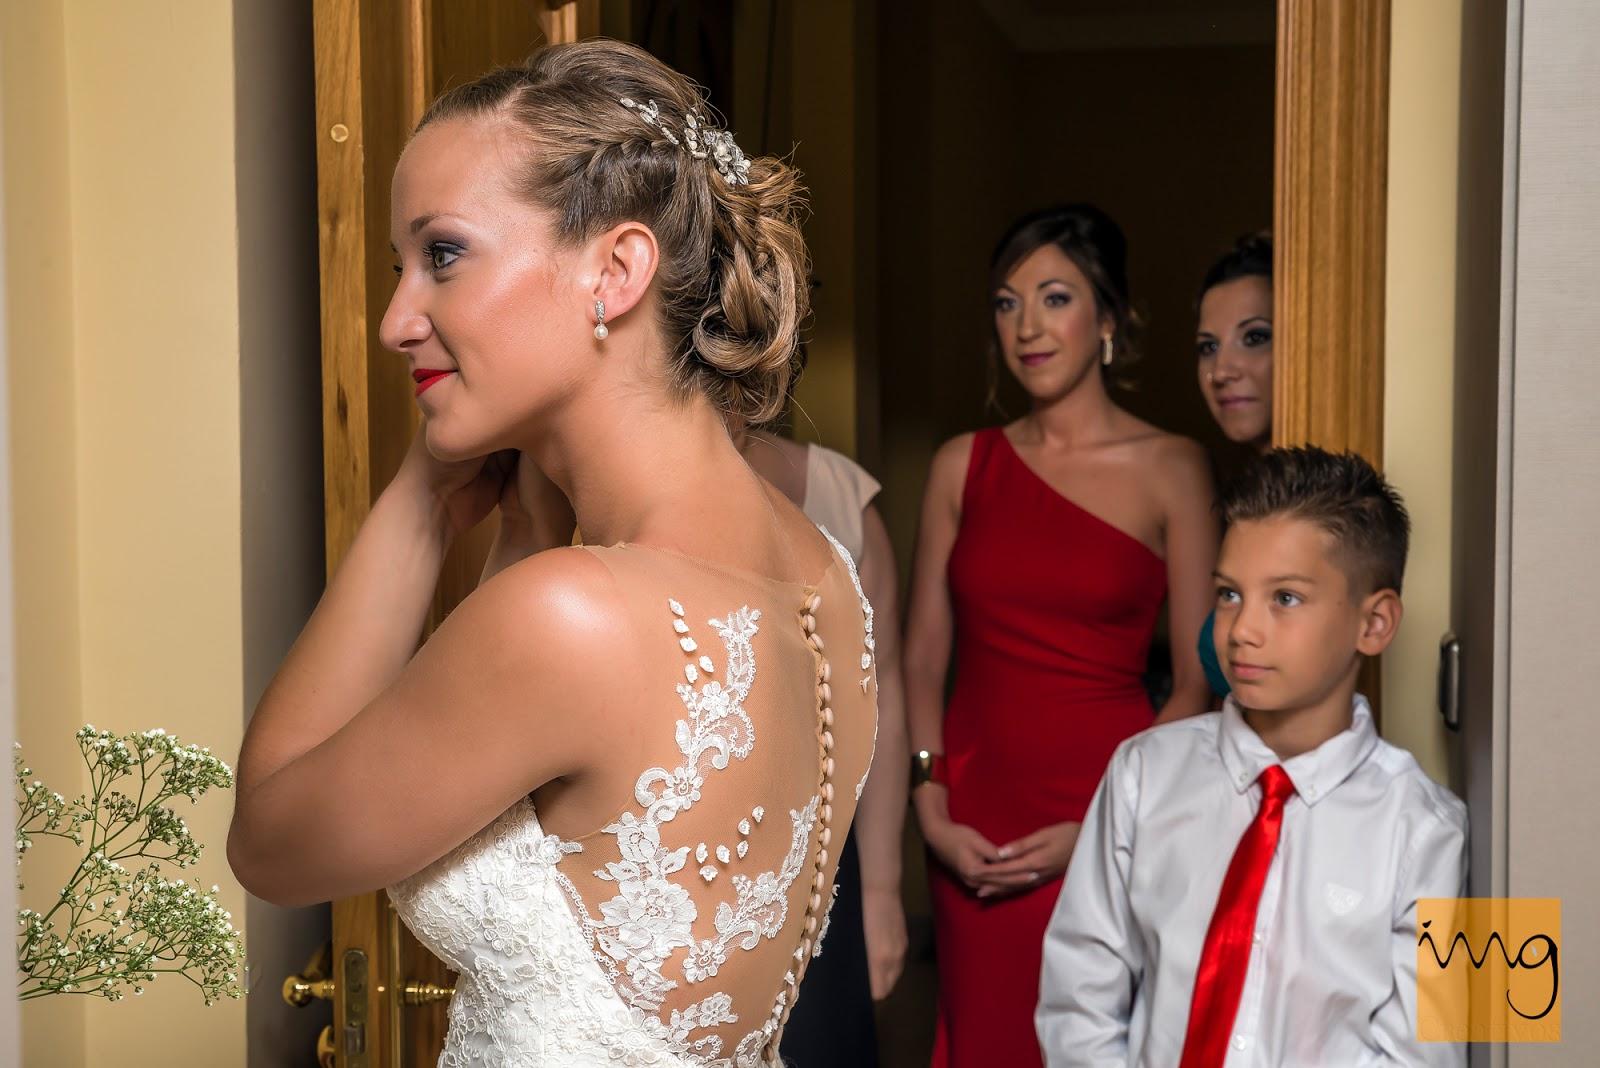 Fotografía de la familia de la novia el cotilleando el día de su boda.